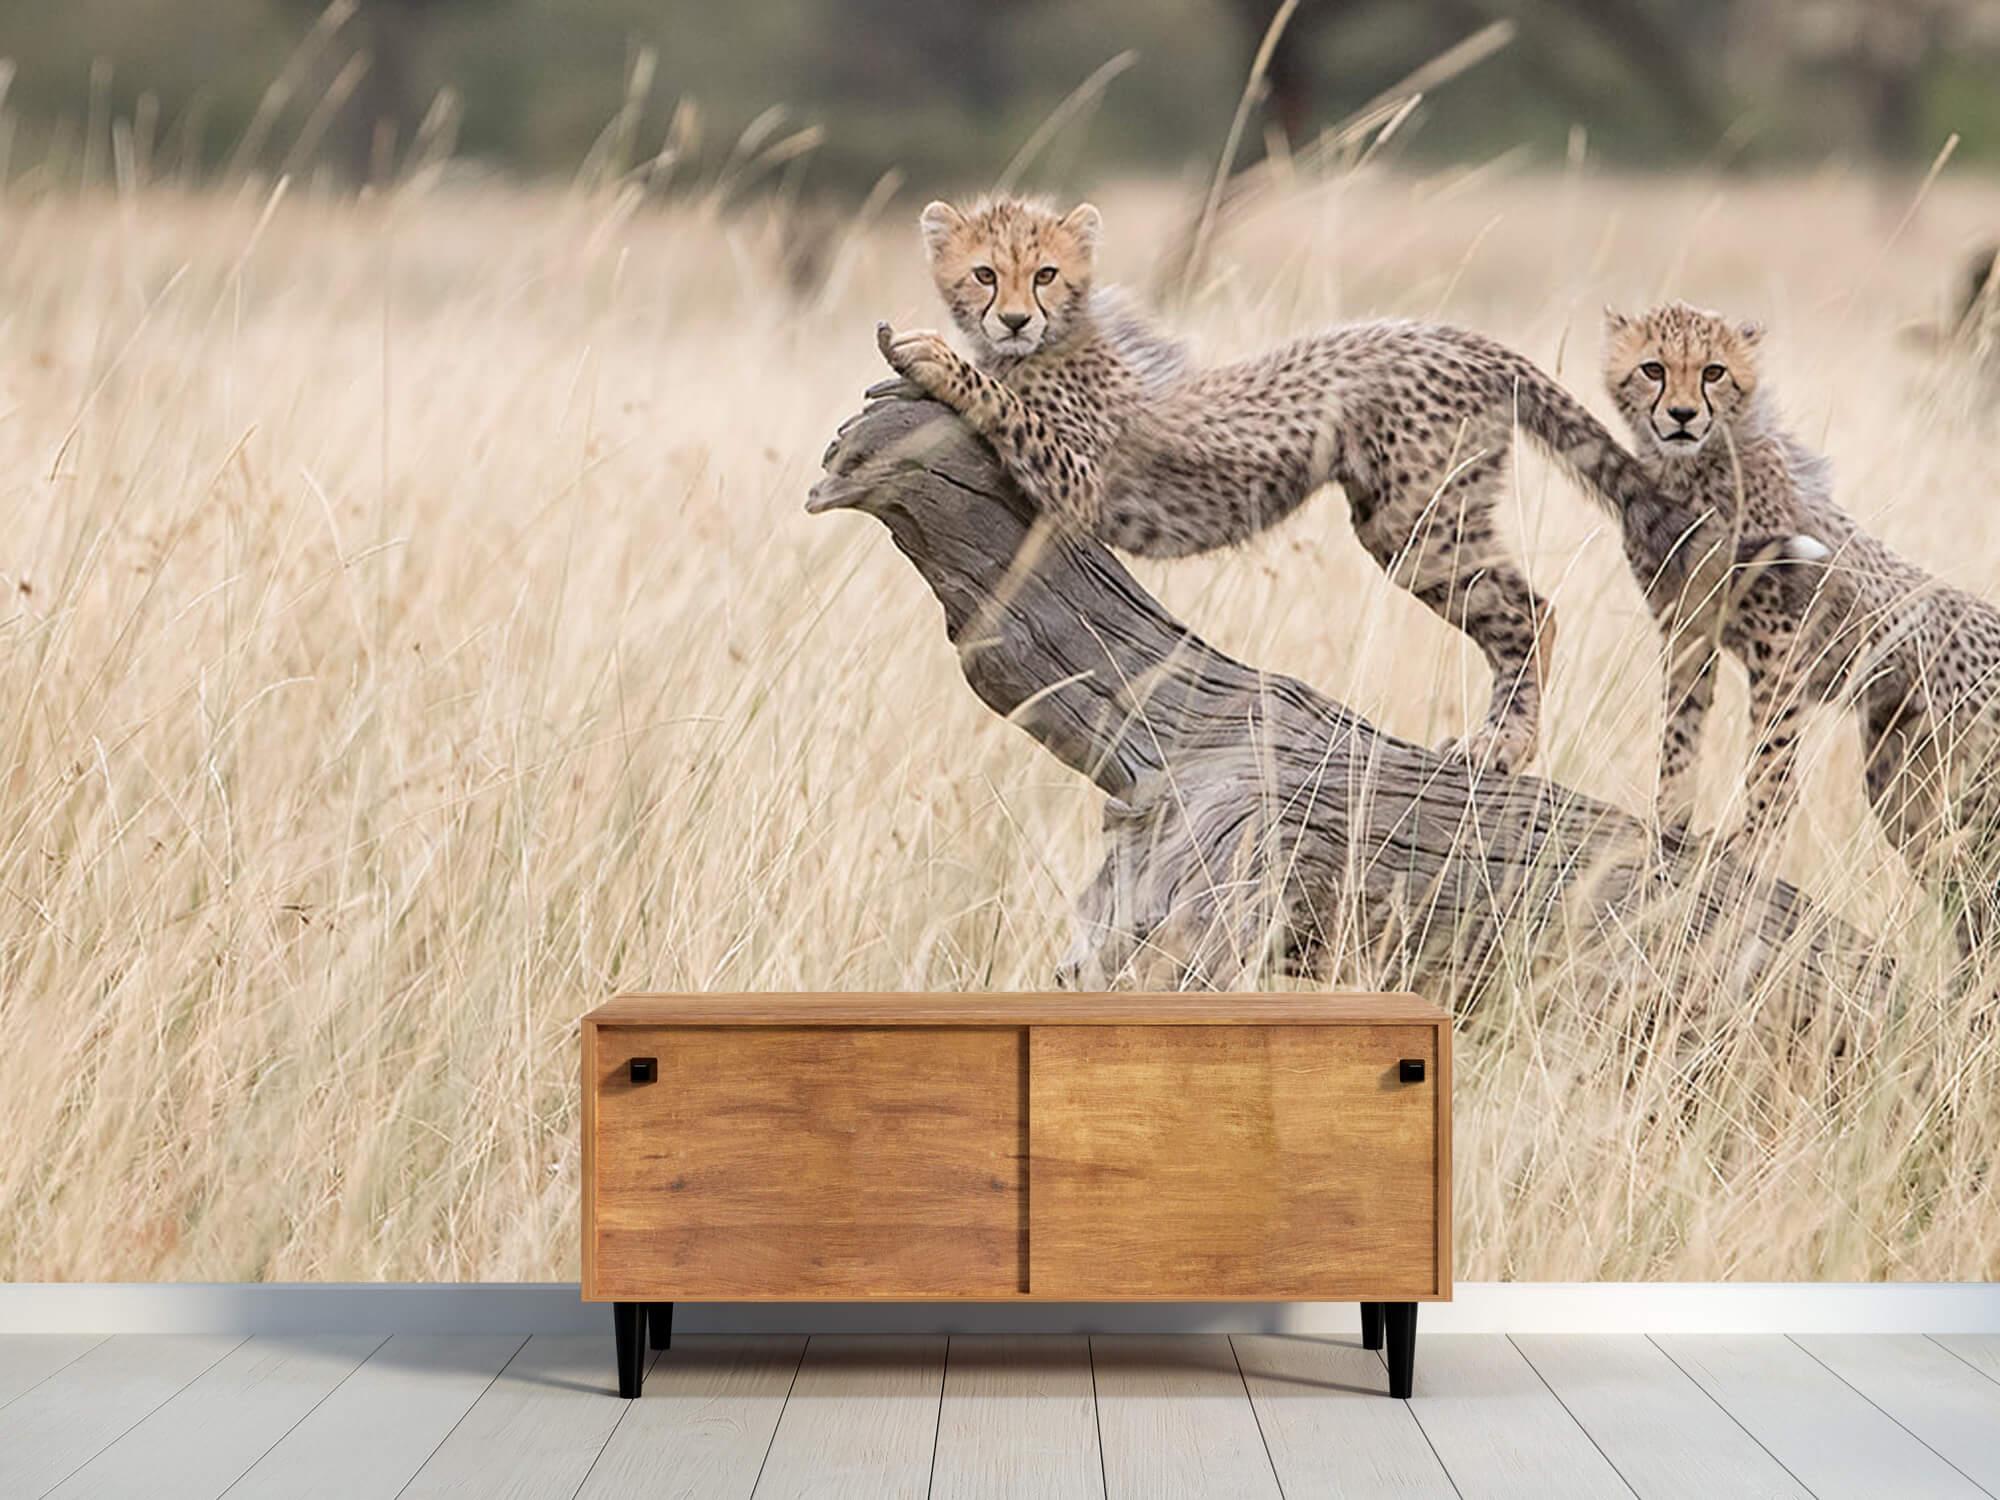 Curious Kitties 8